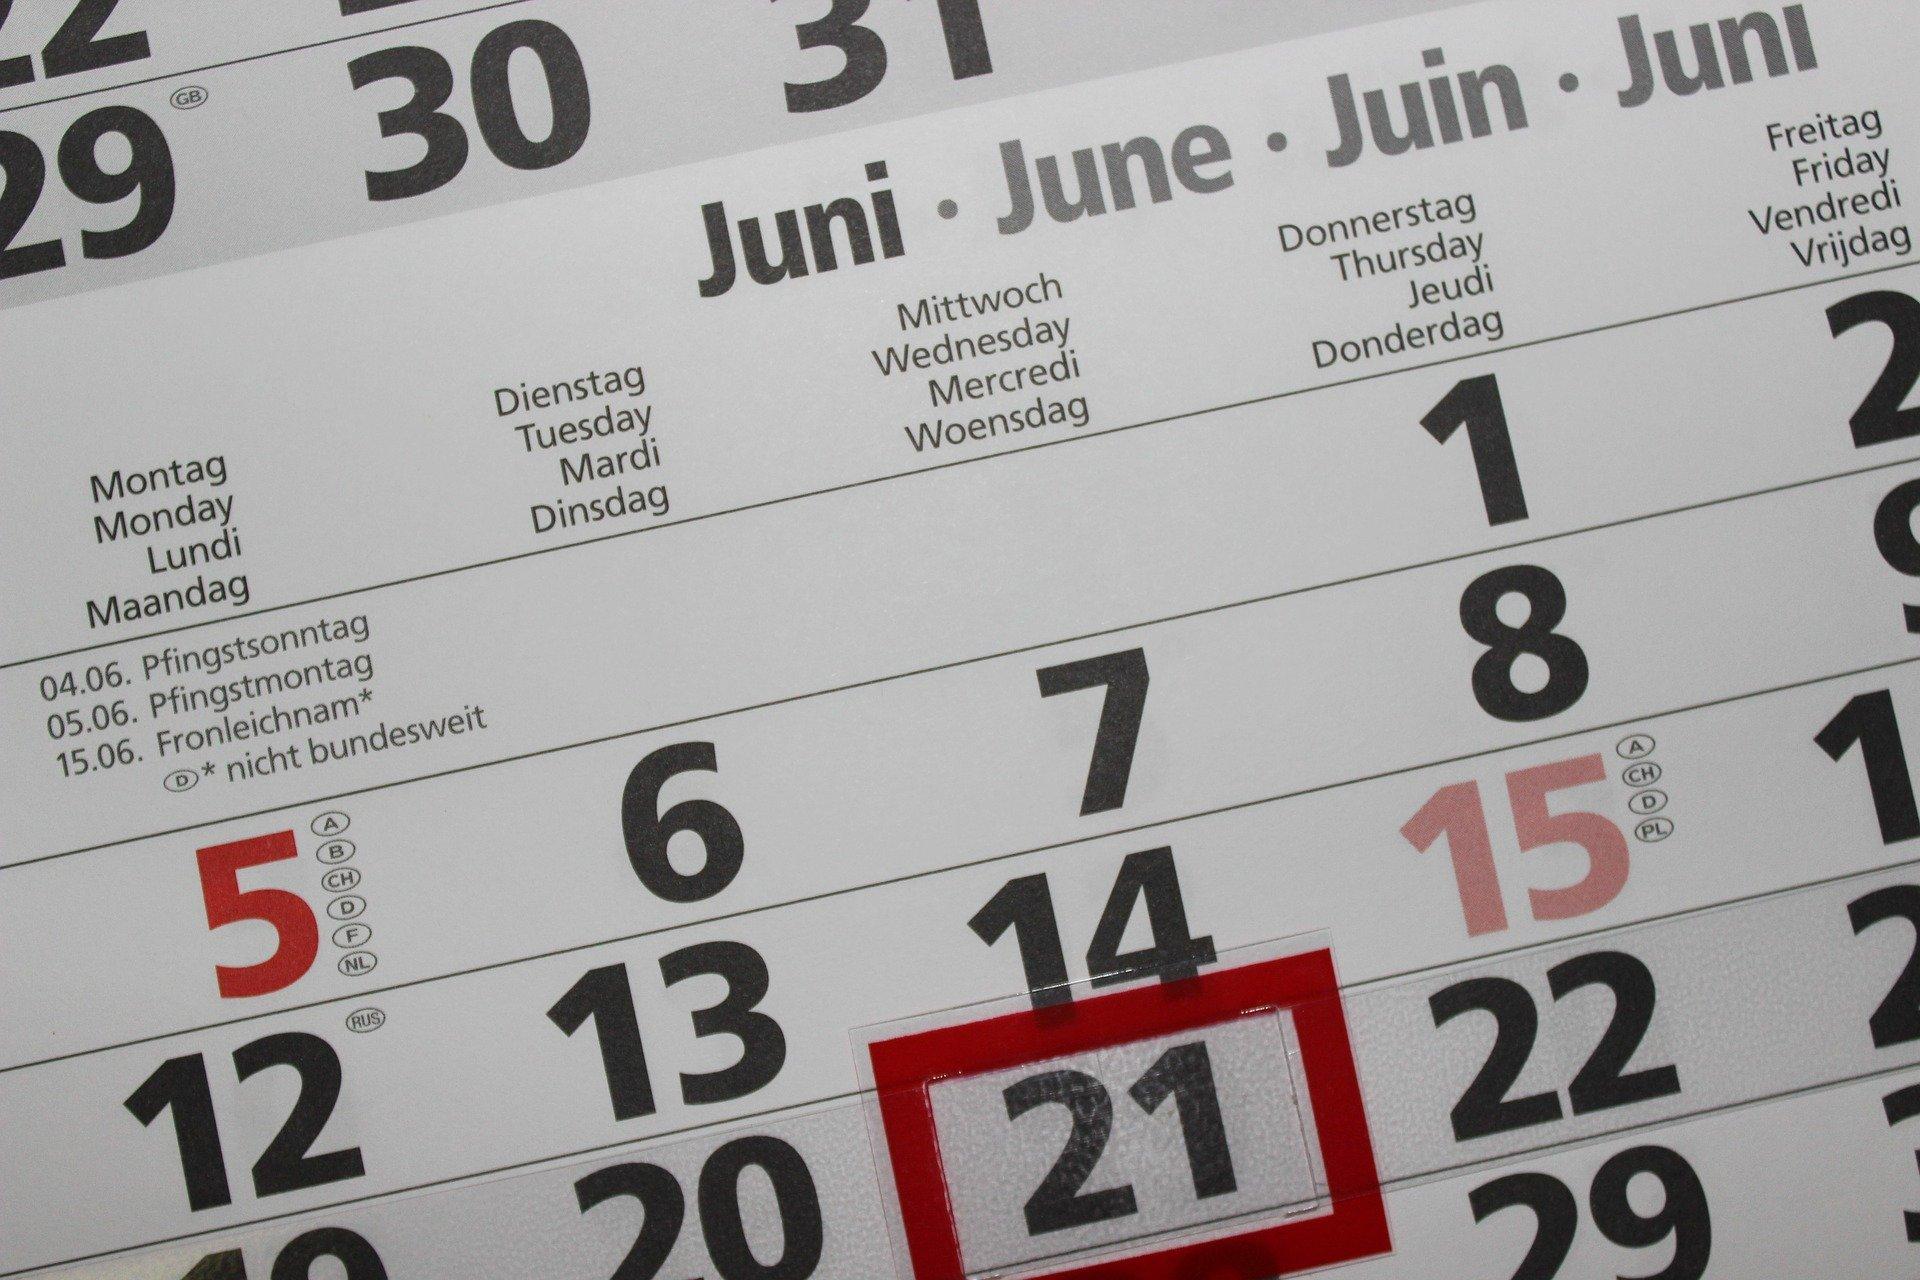 KVC korfbalt door in de maand juni!